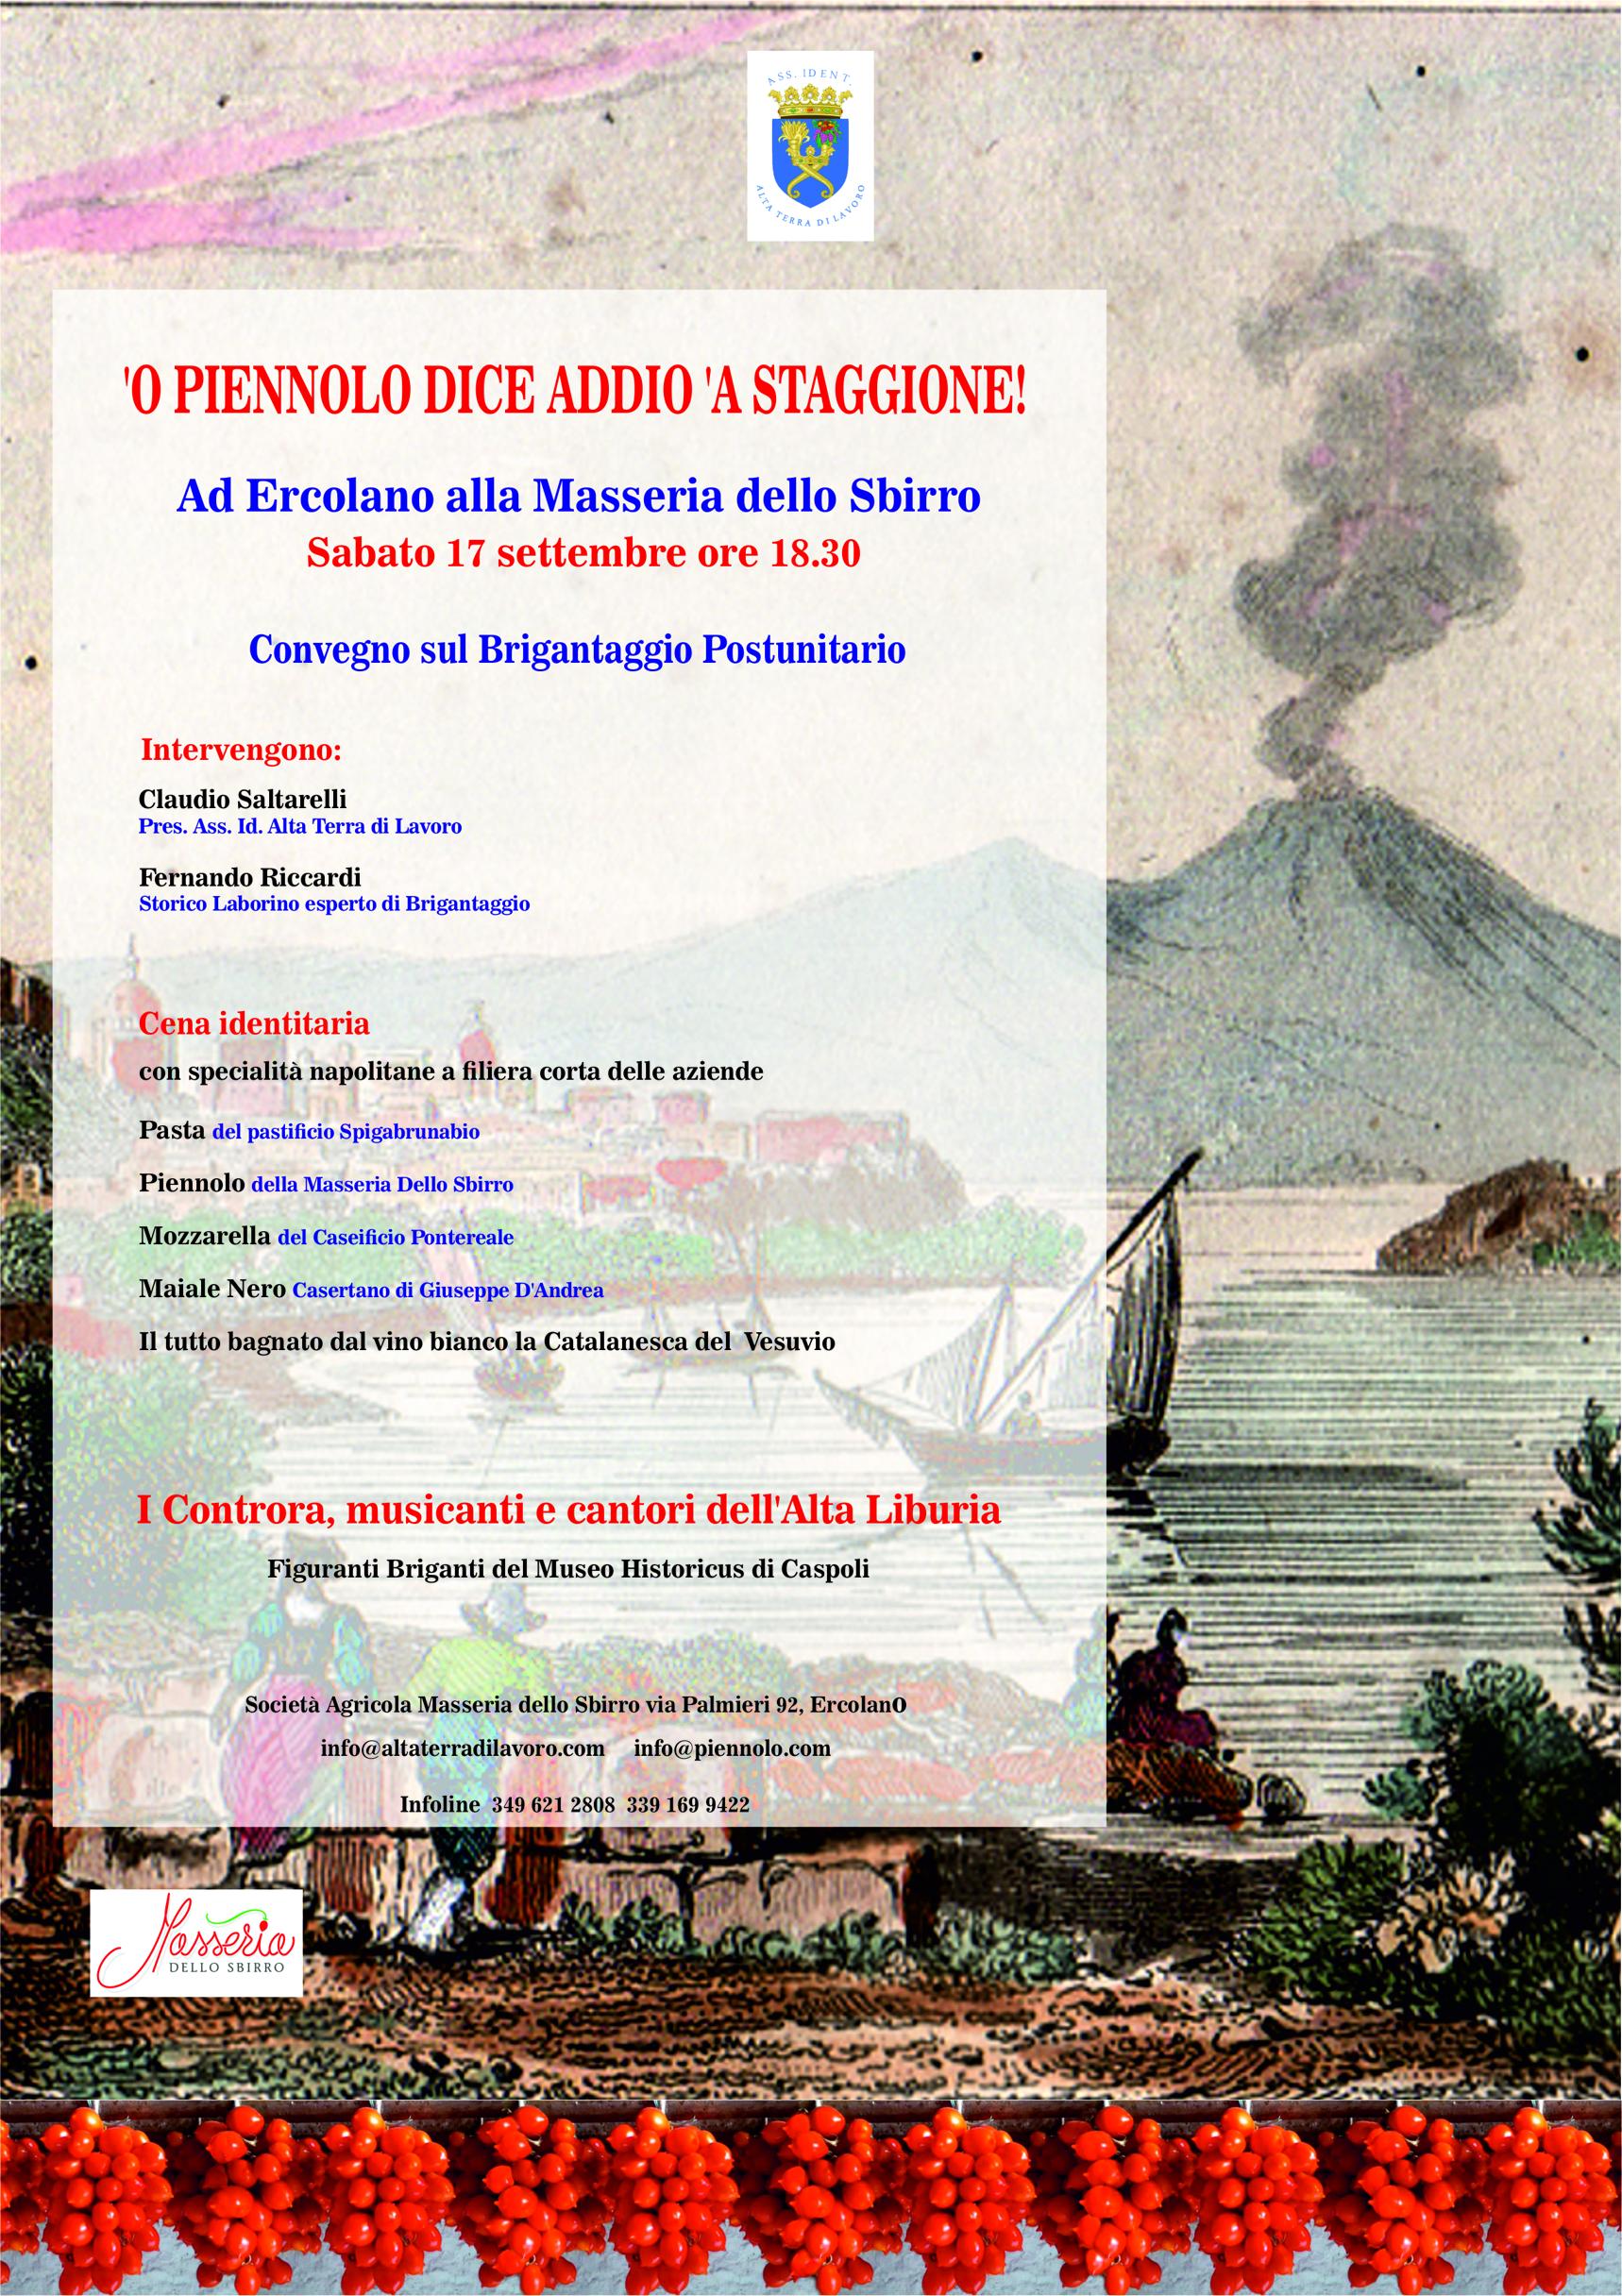 traduzione dall'italiano al napoletano curata da Luciano Salera. Manifesto realizzato da Luciano Caira